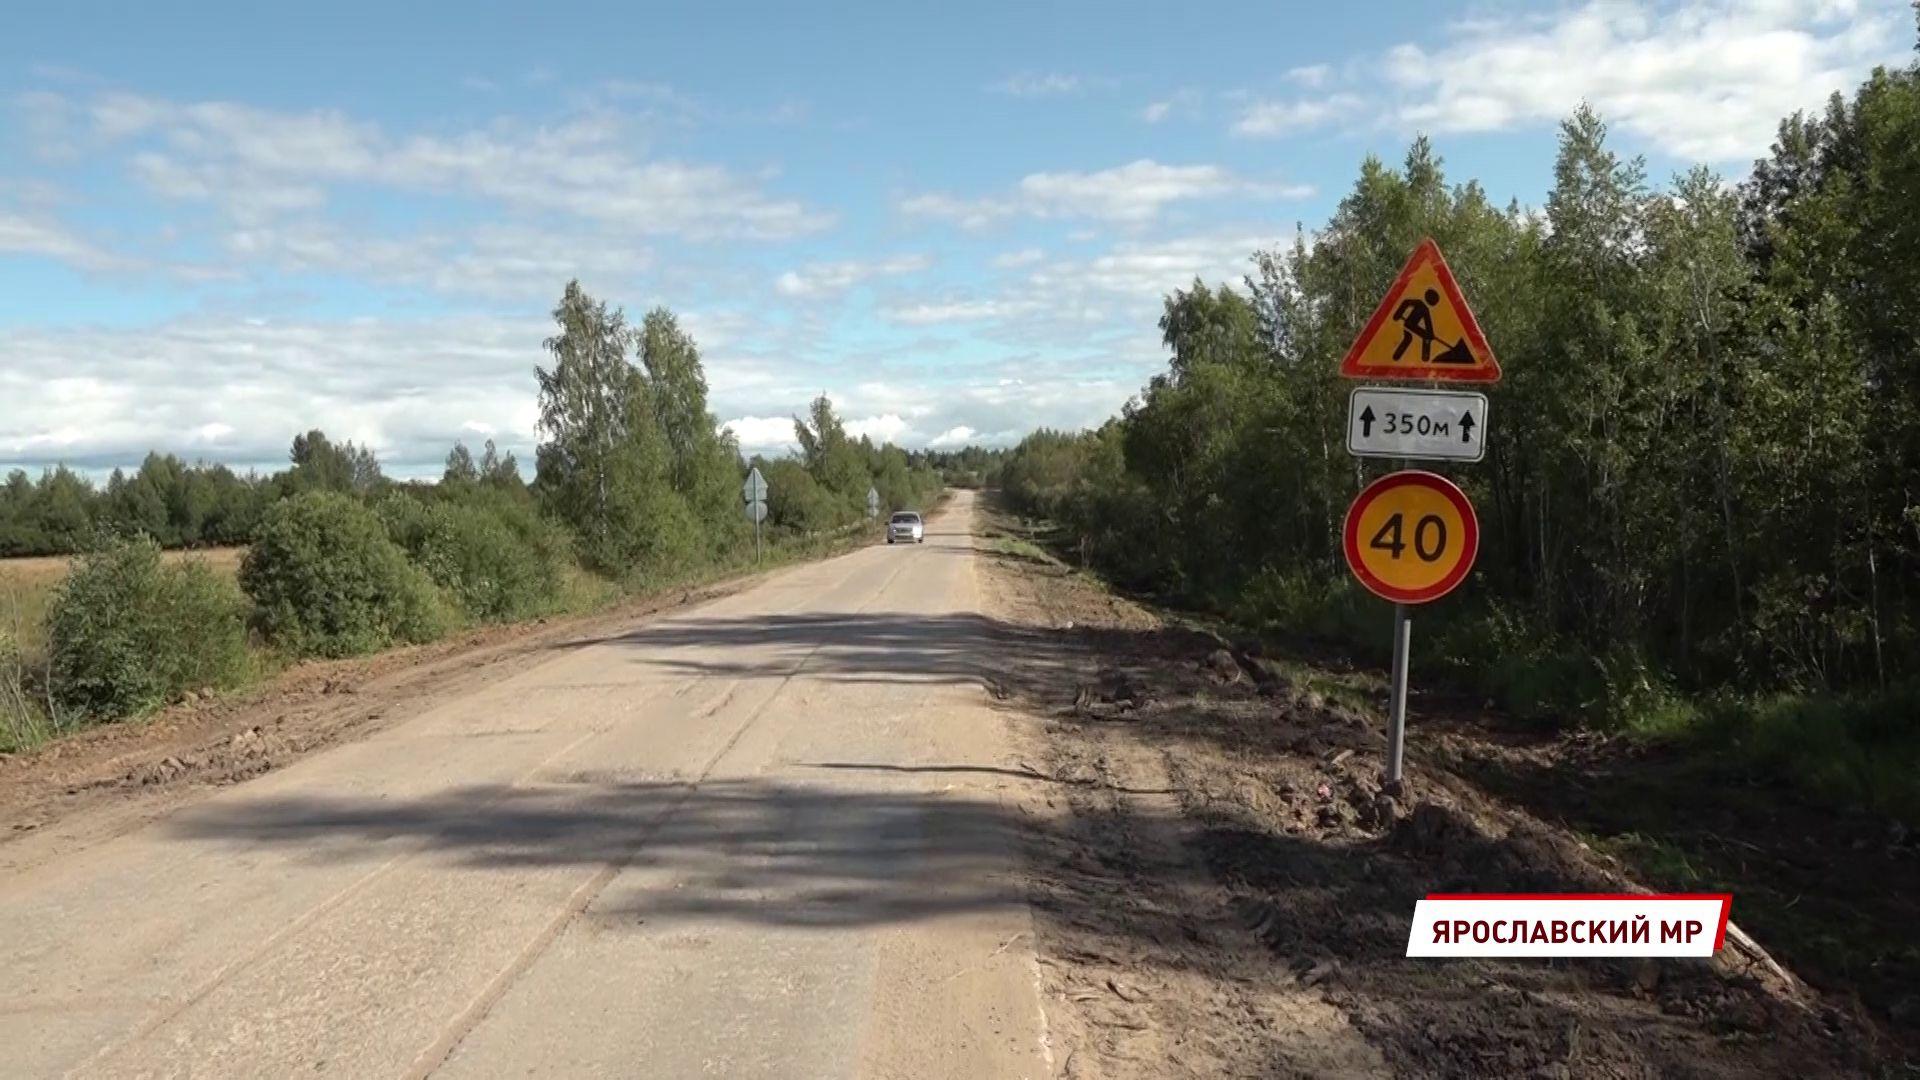 Самую сложную дорогу в Ярославской области отремонтируют к концу октября